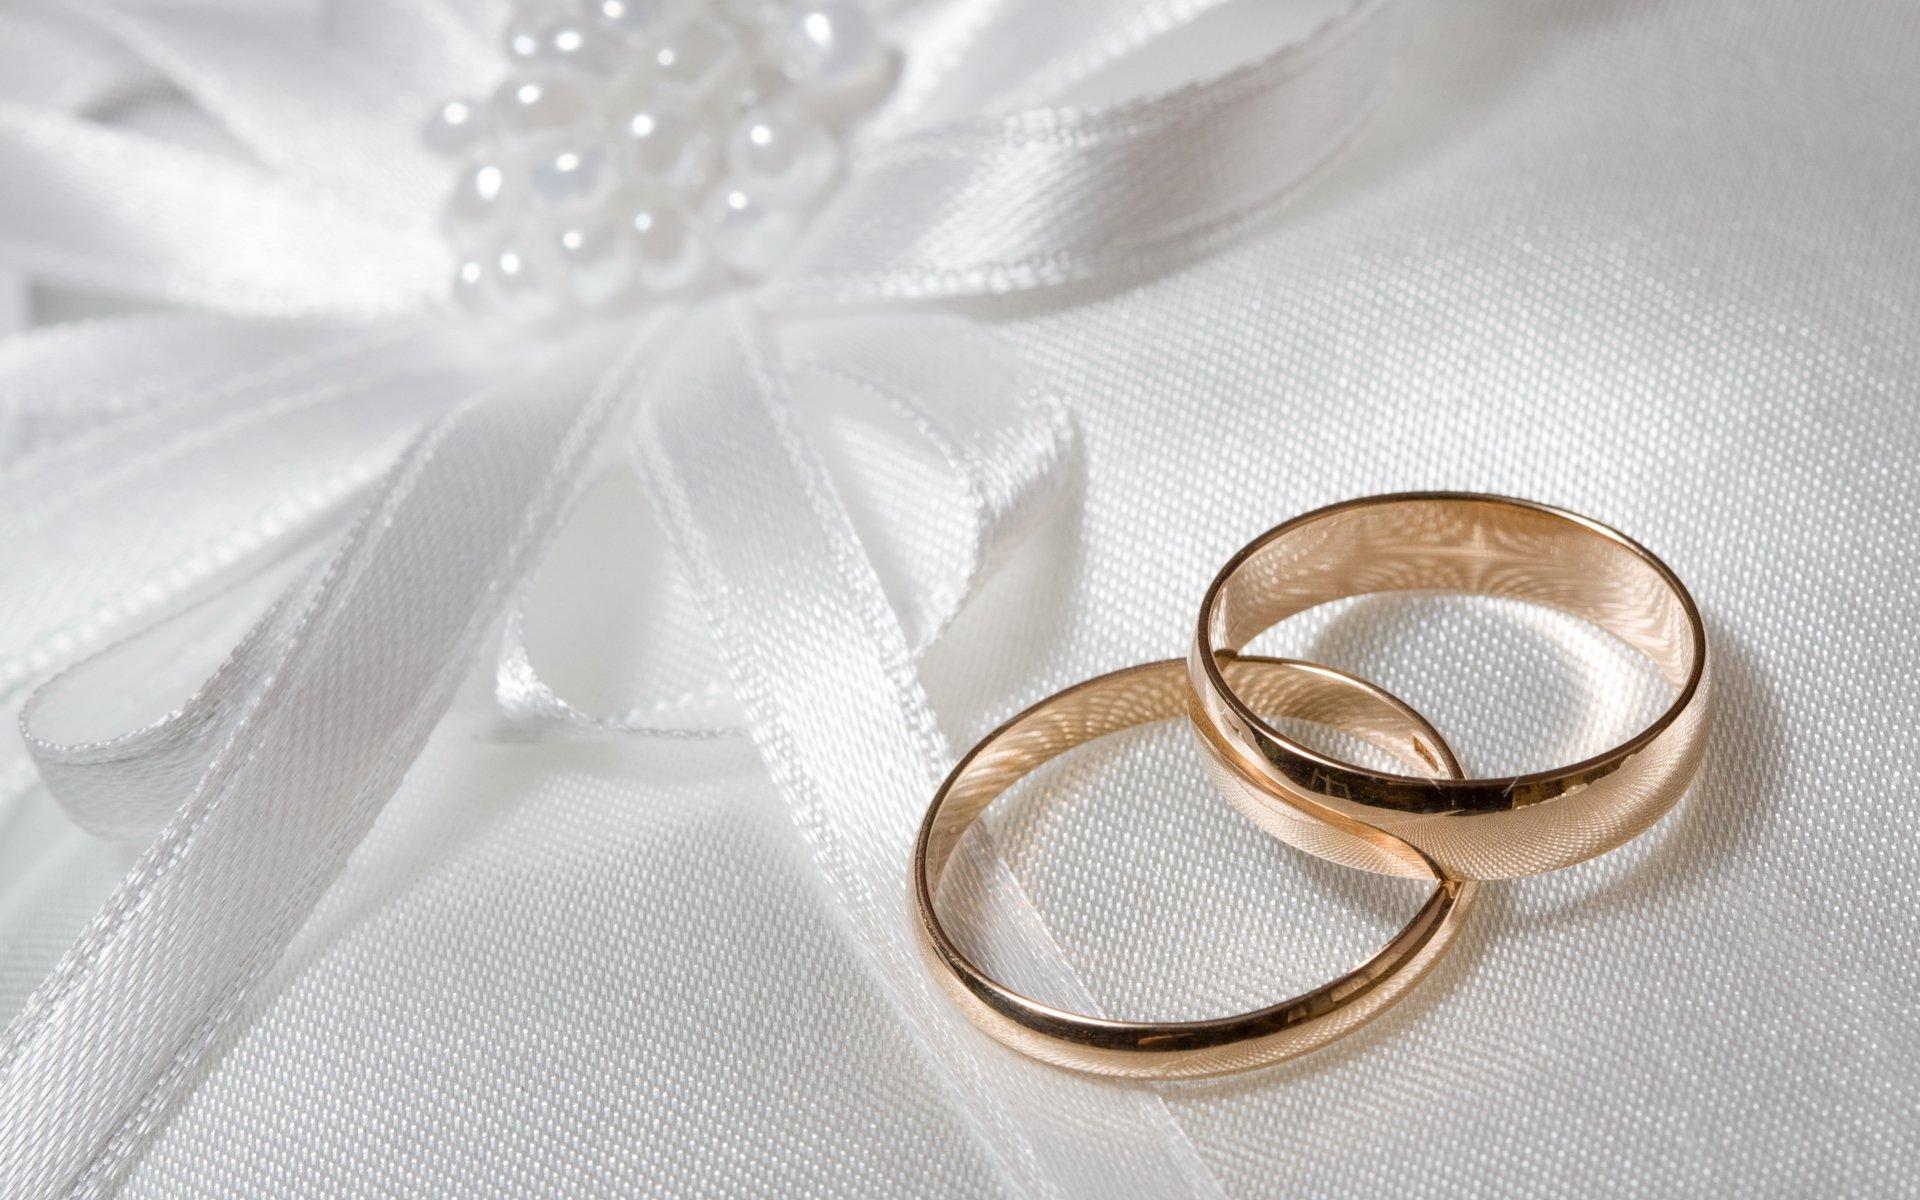 Обручальное кольцо открытки, глазки открытки